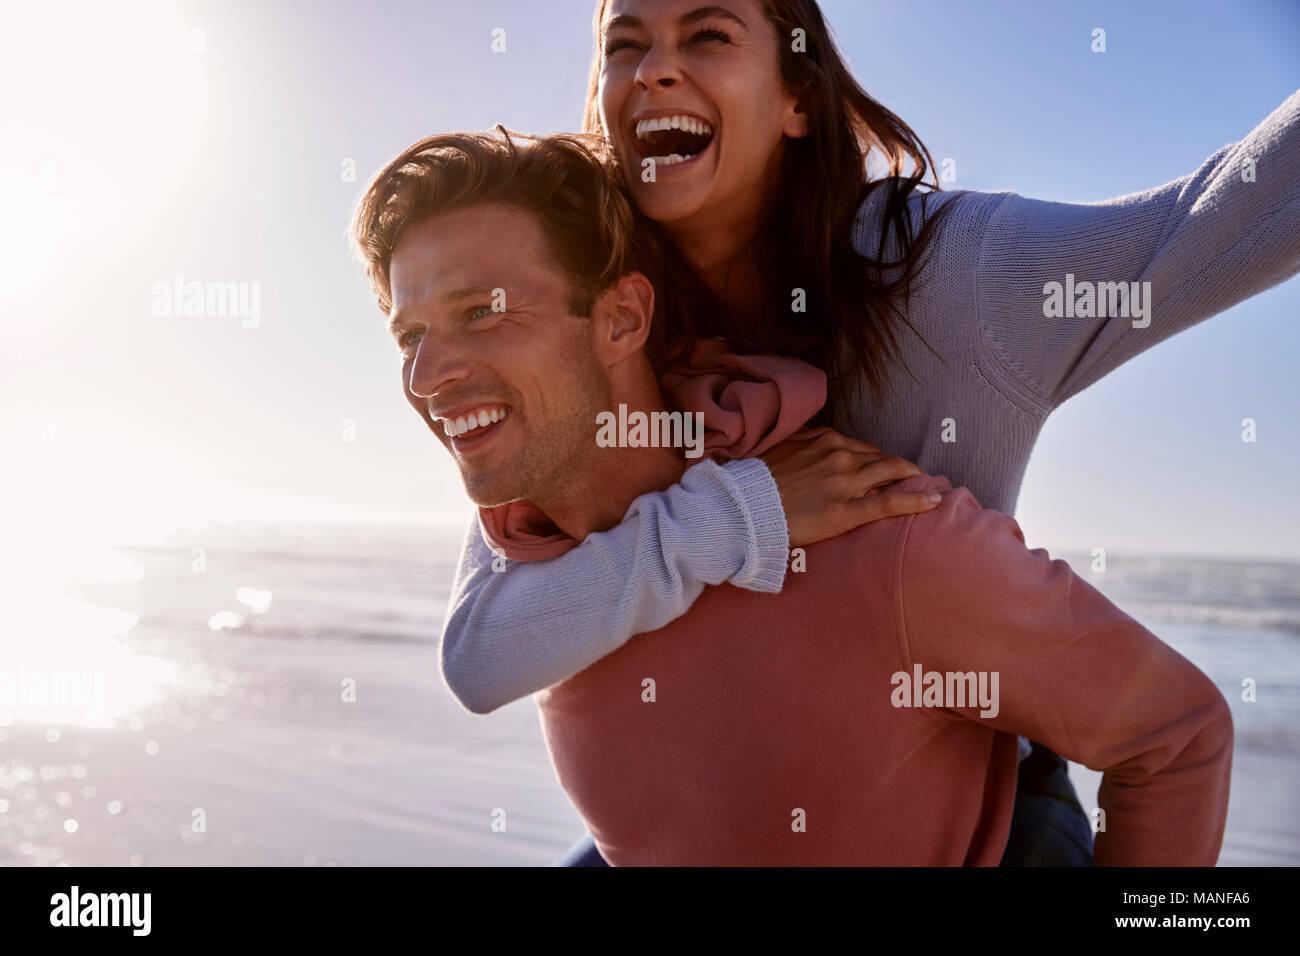 Hombre Mujer dando Piggyback en invierno vacaciones de playa Imagen De Stock